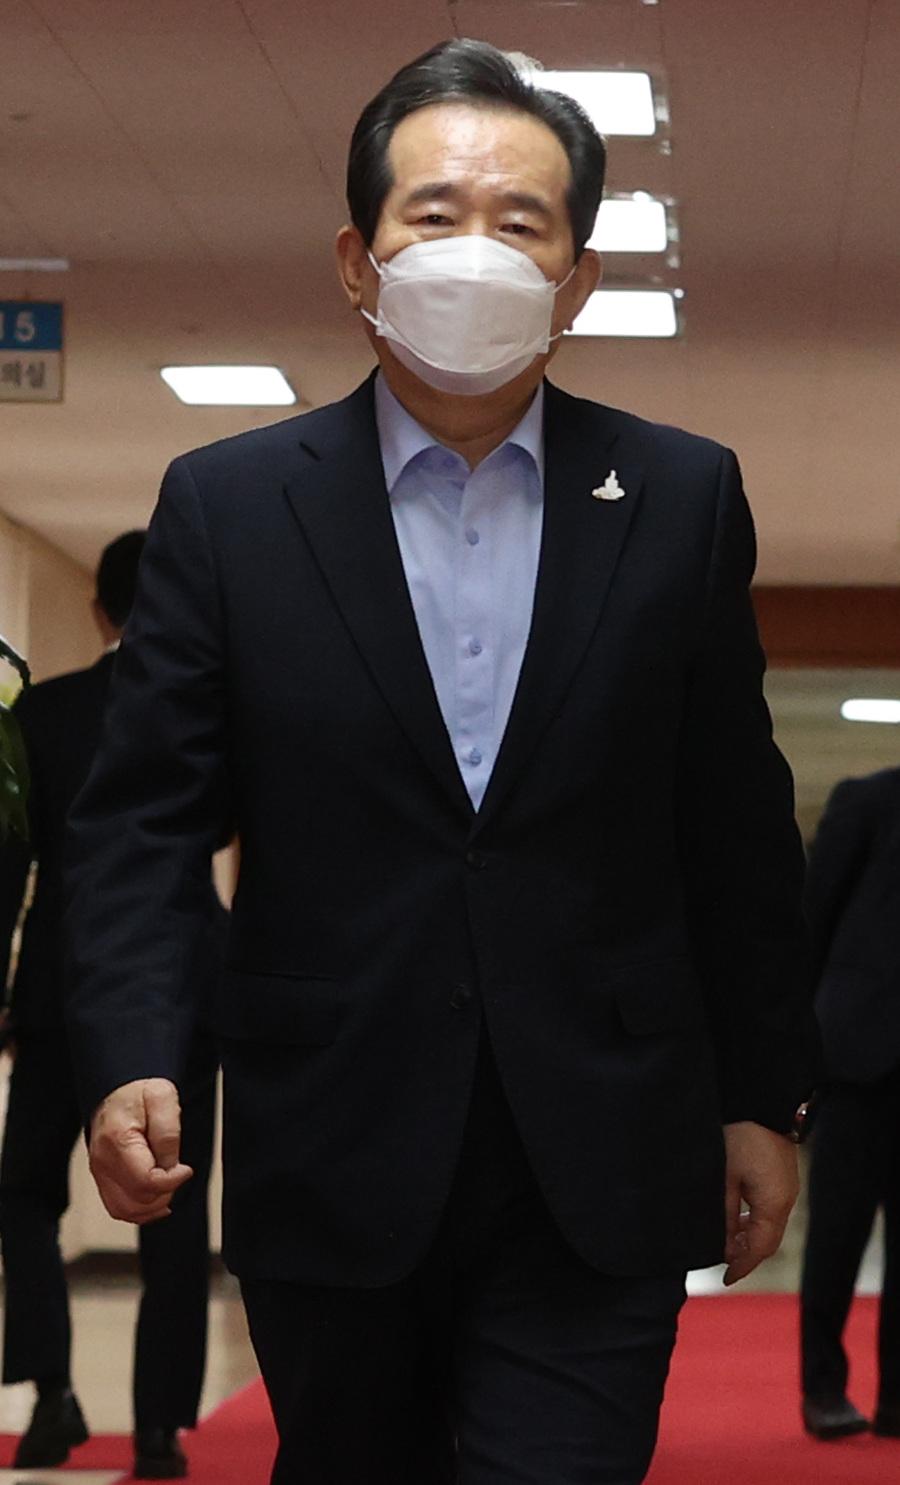 直播招商:韩国总理时隔44年访问伊朗,回国将辞职